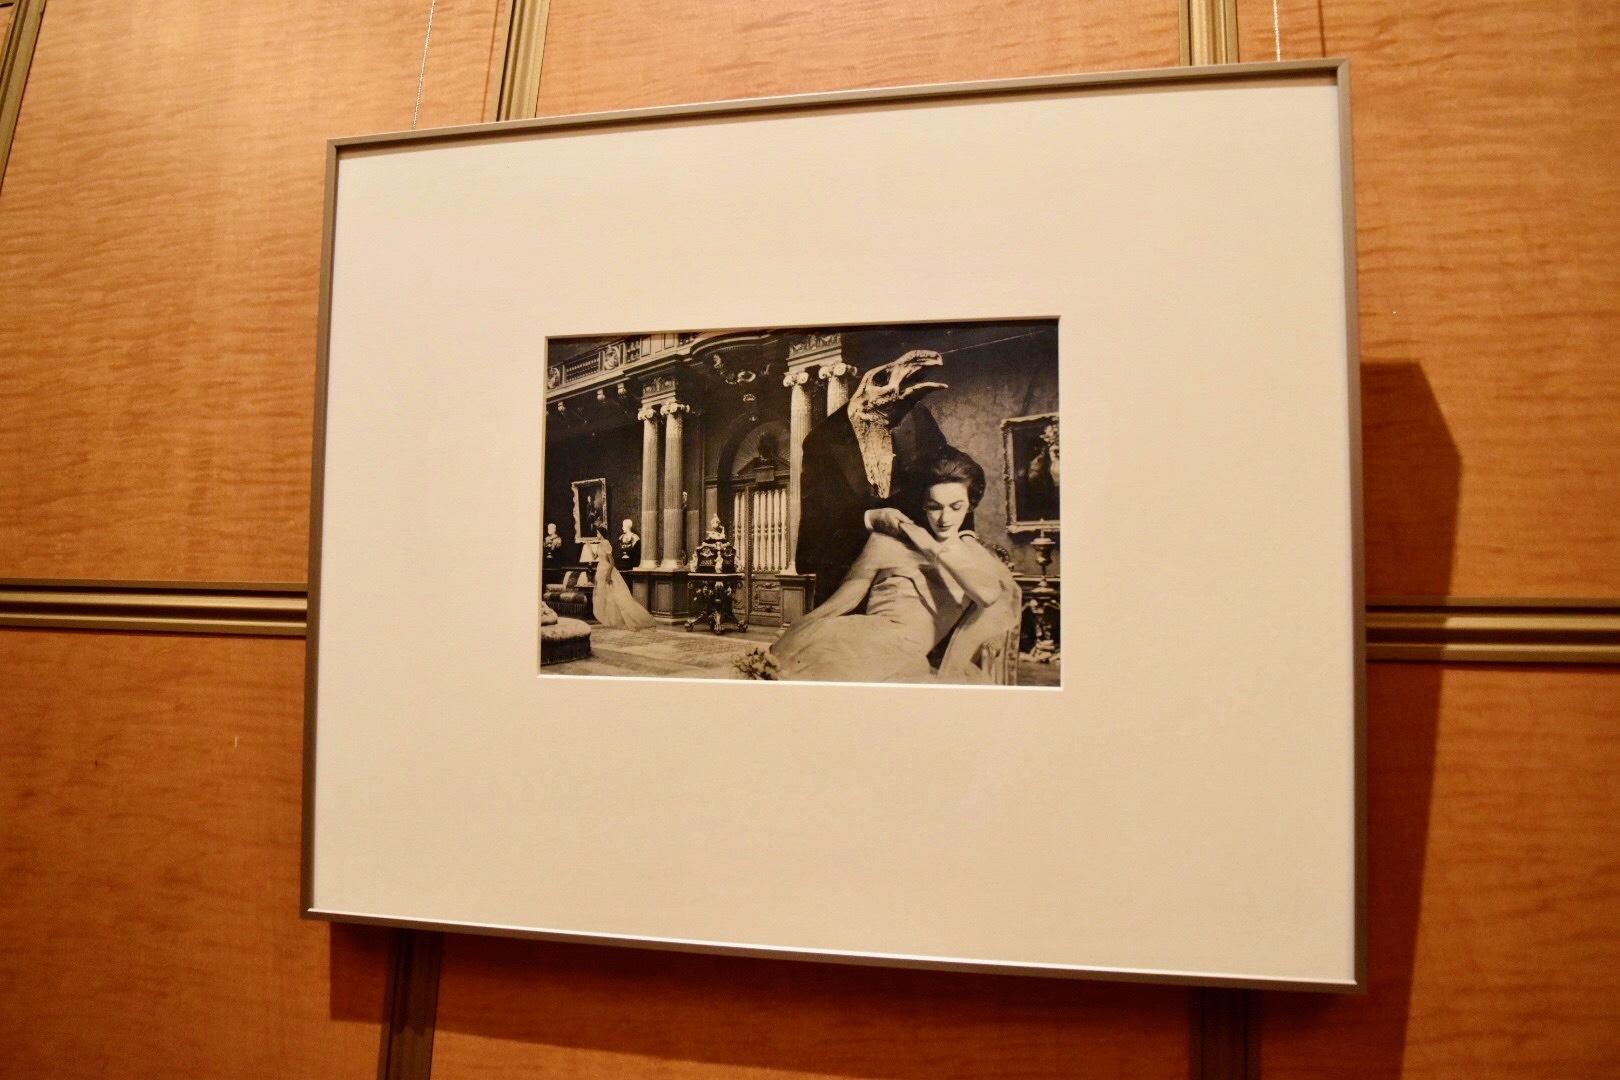 岡上淑子 《招待》 1955年